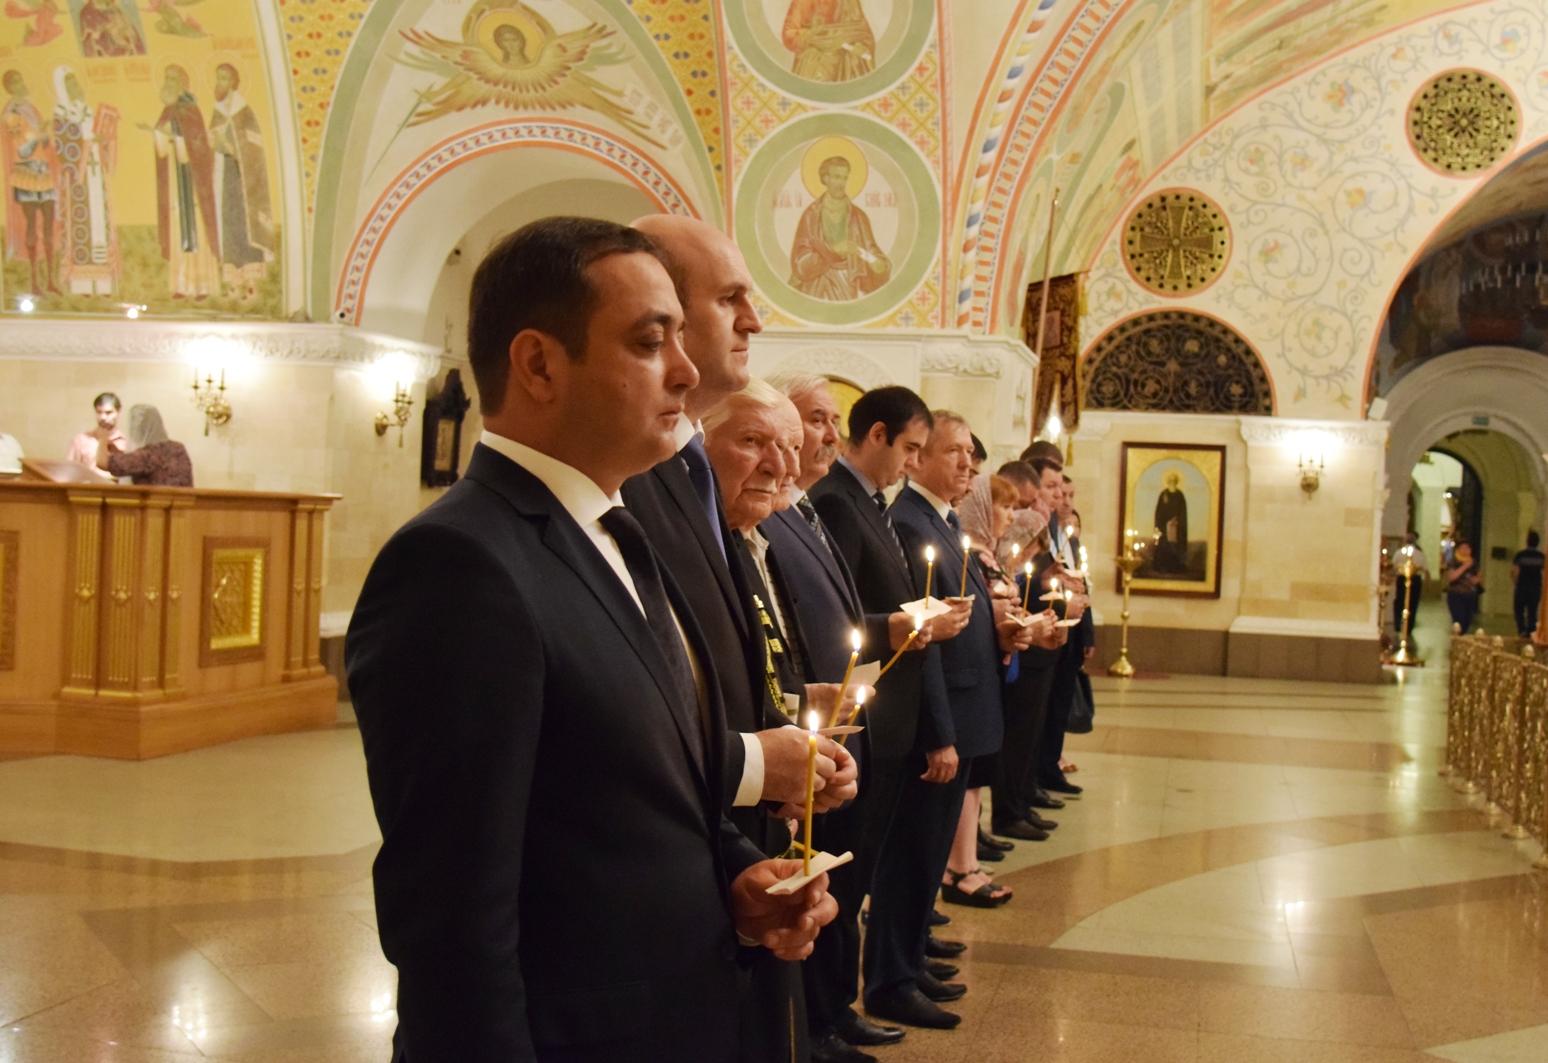 В Храме Христа Спасителя в Москве состоялся молебен по погибшим в августе 2008 года